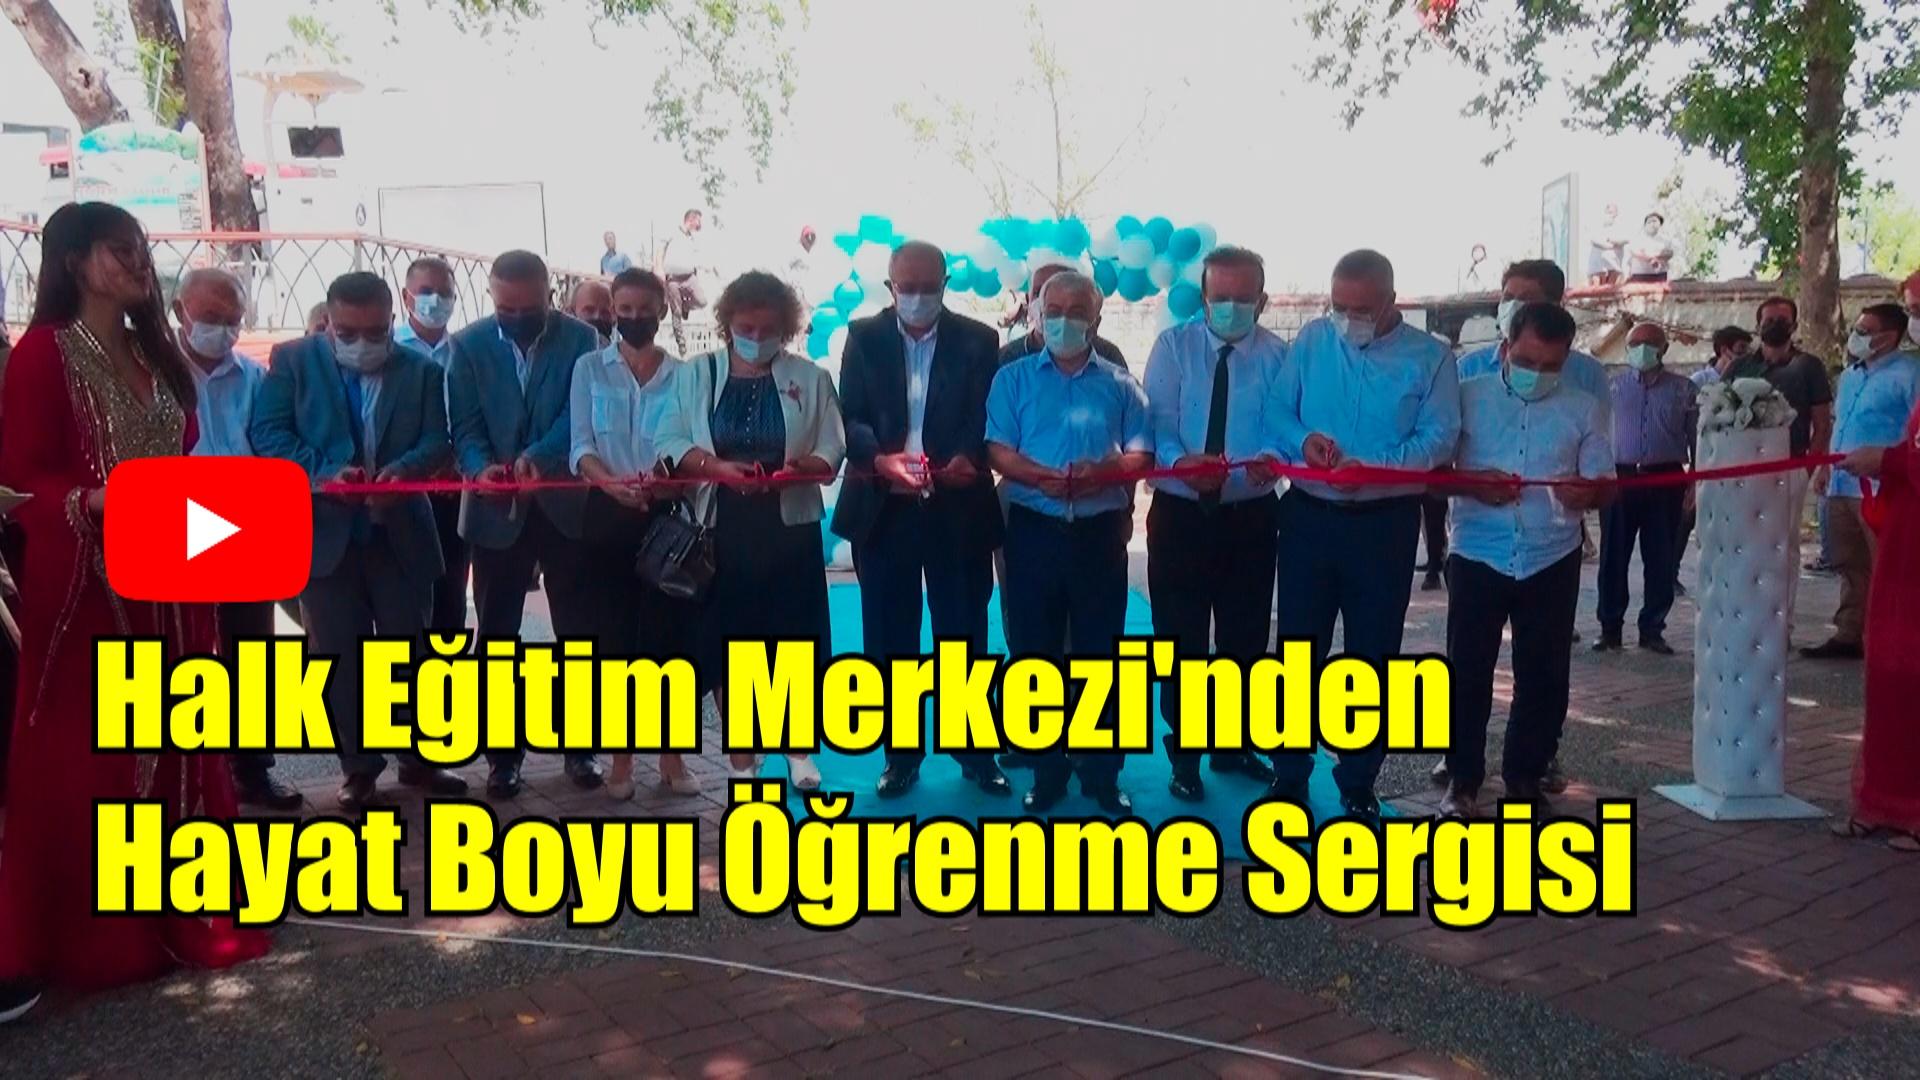 Manavgat'ta Öğrenmenin Yaşı Yok!